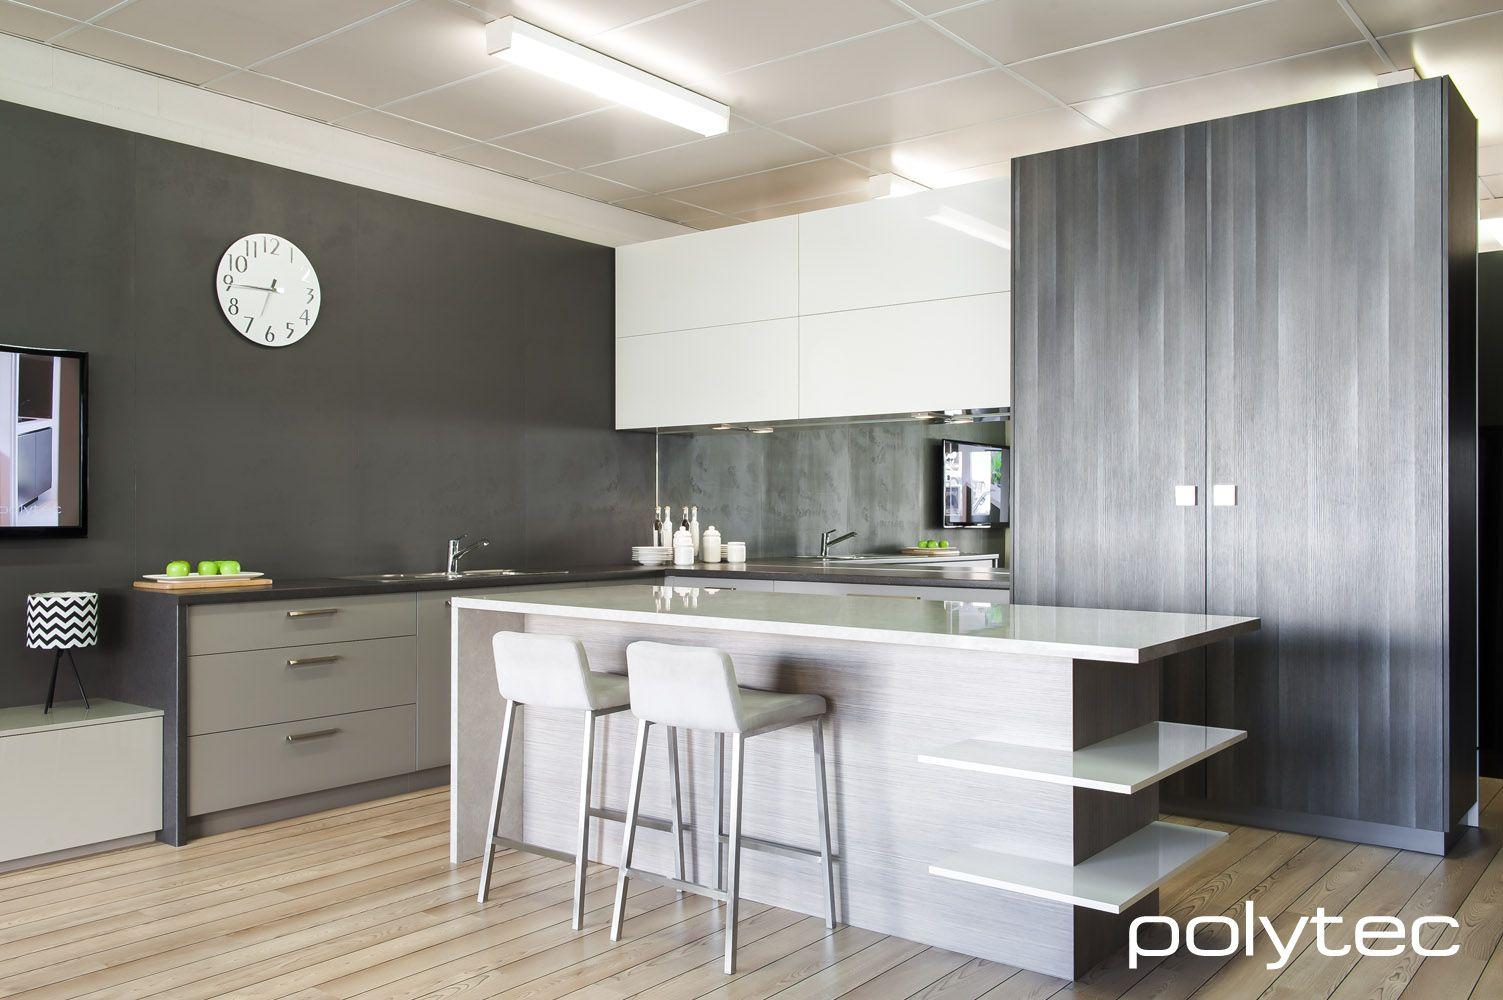 Polytec Kitchen Photos Kitchen Oak Kitchen